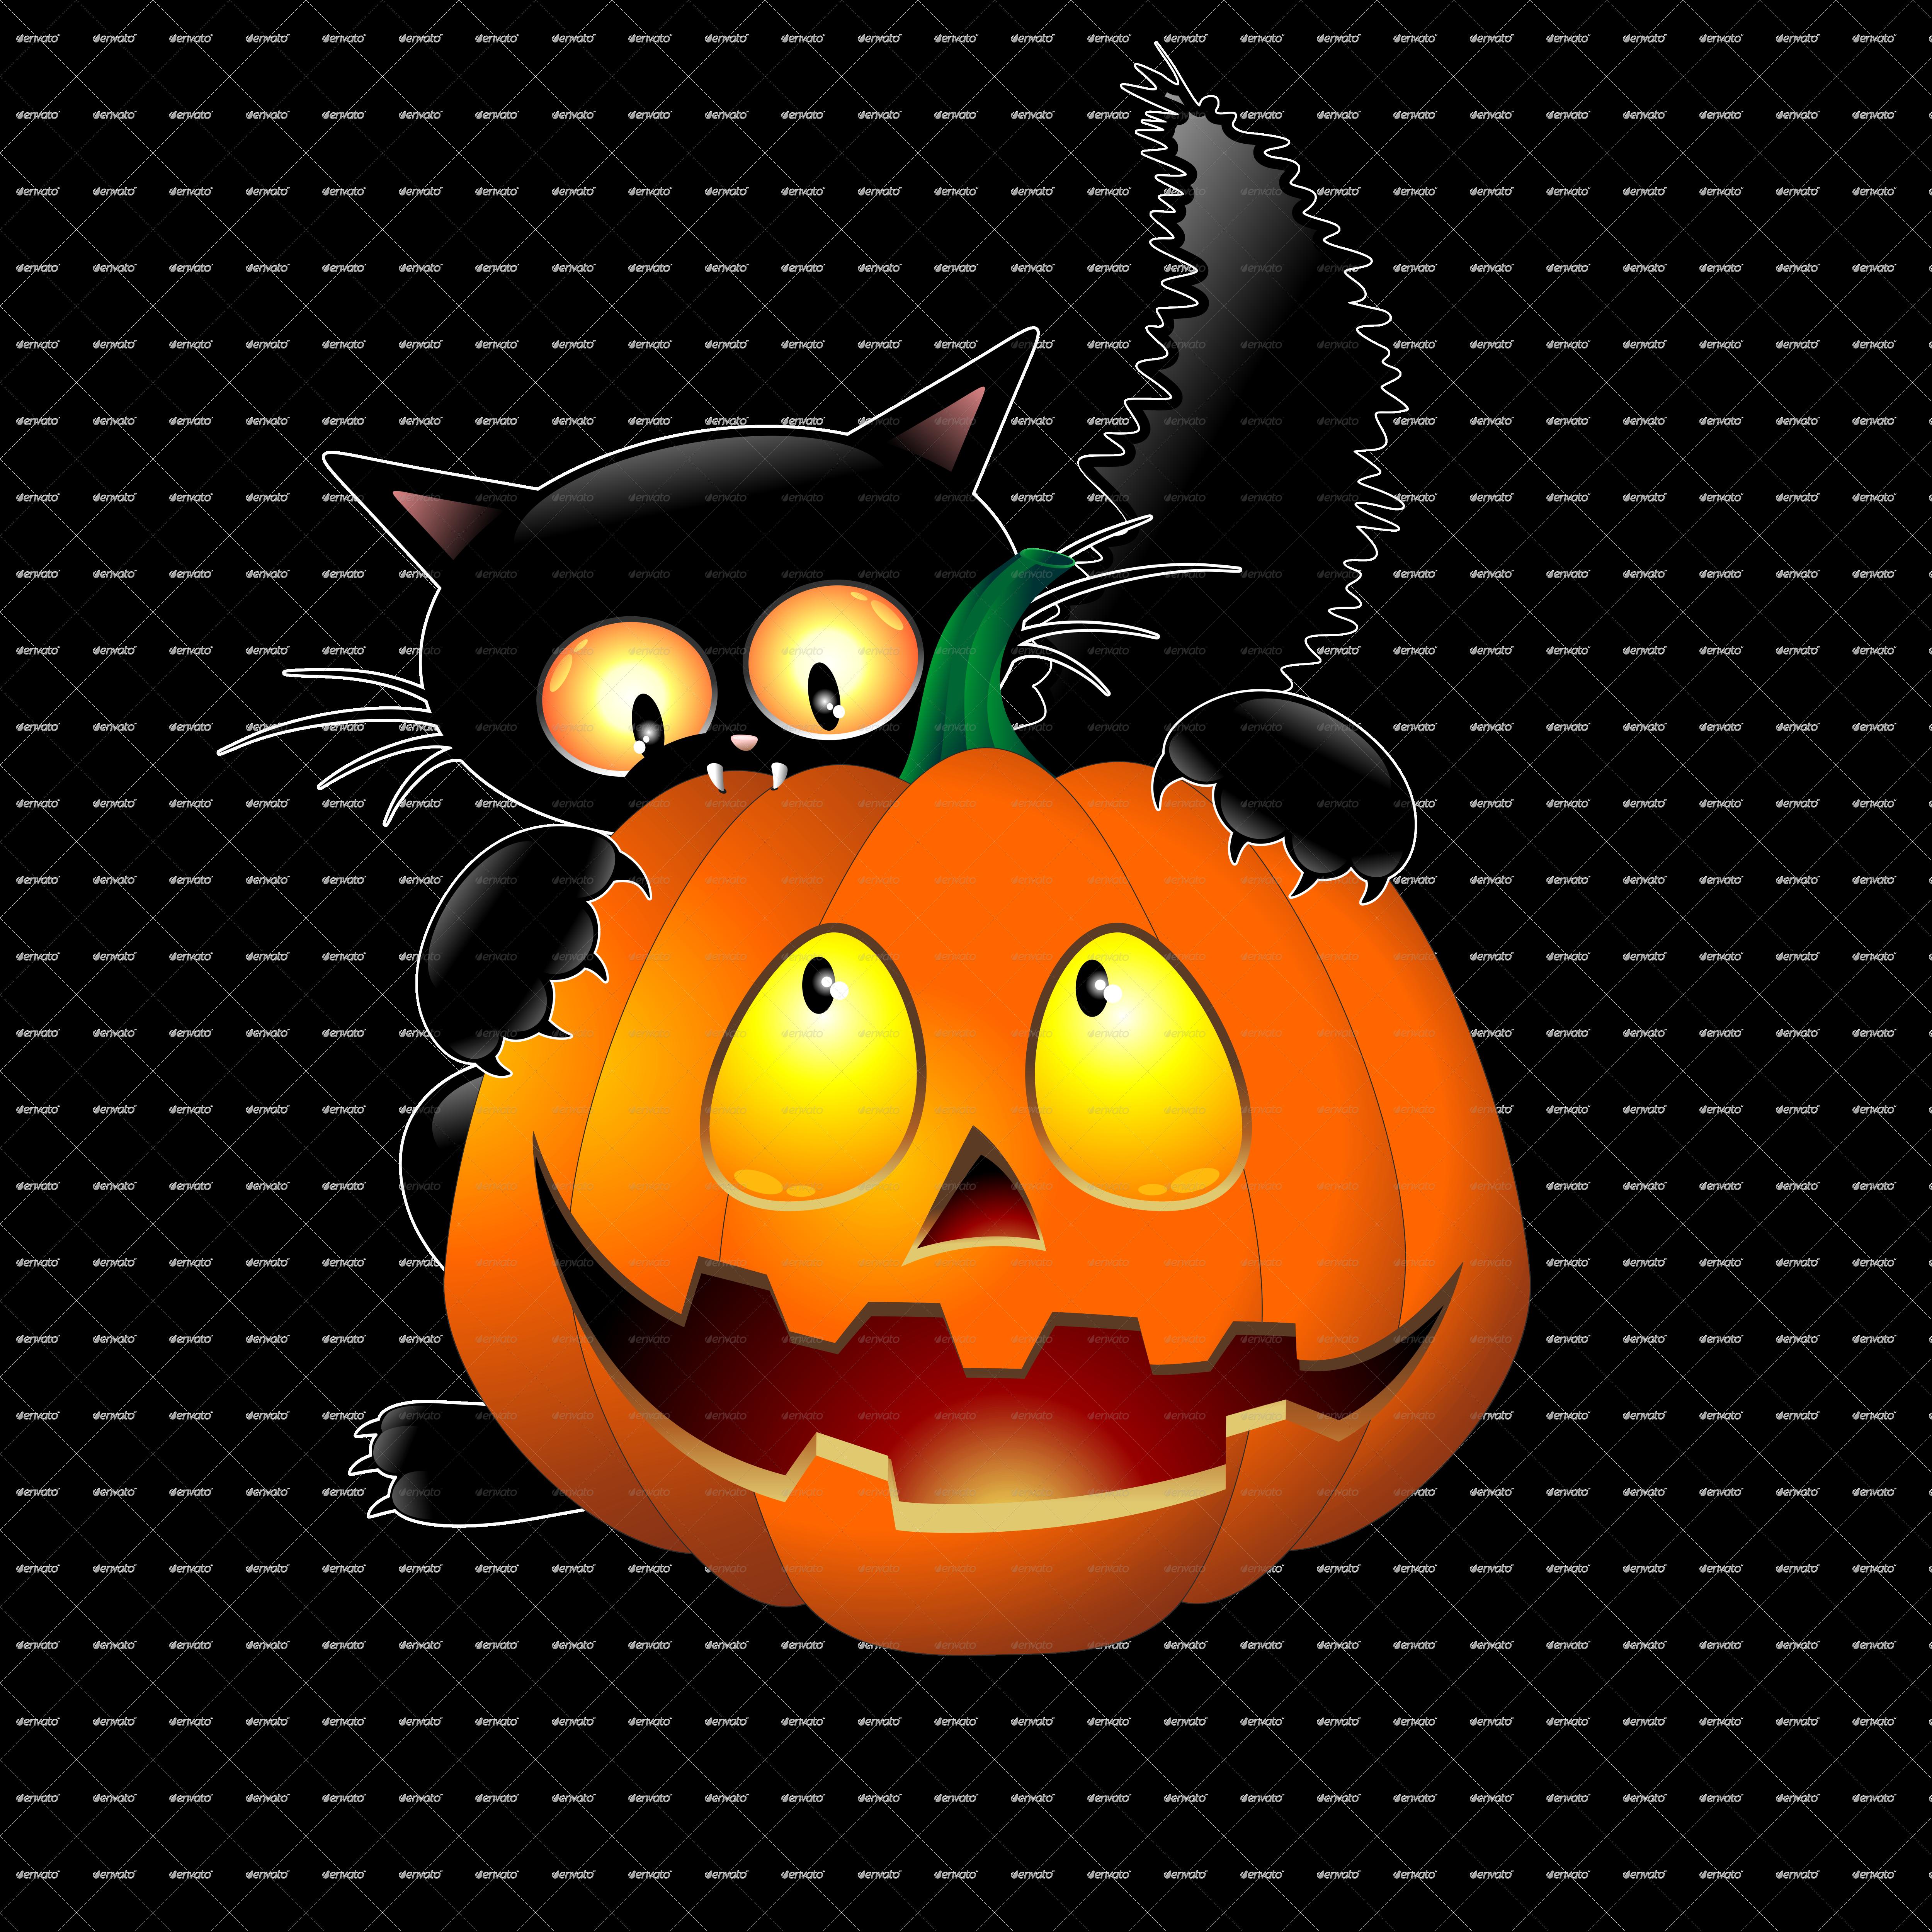 5000x5000 Halloween Cartoon Pictures Empowermephoto